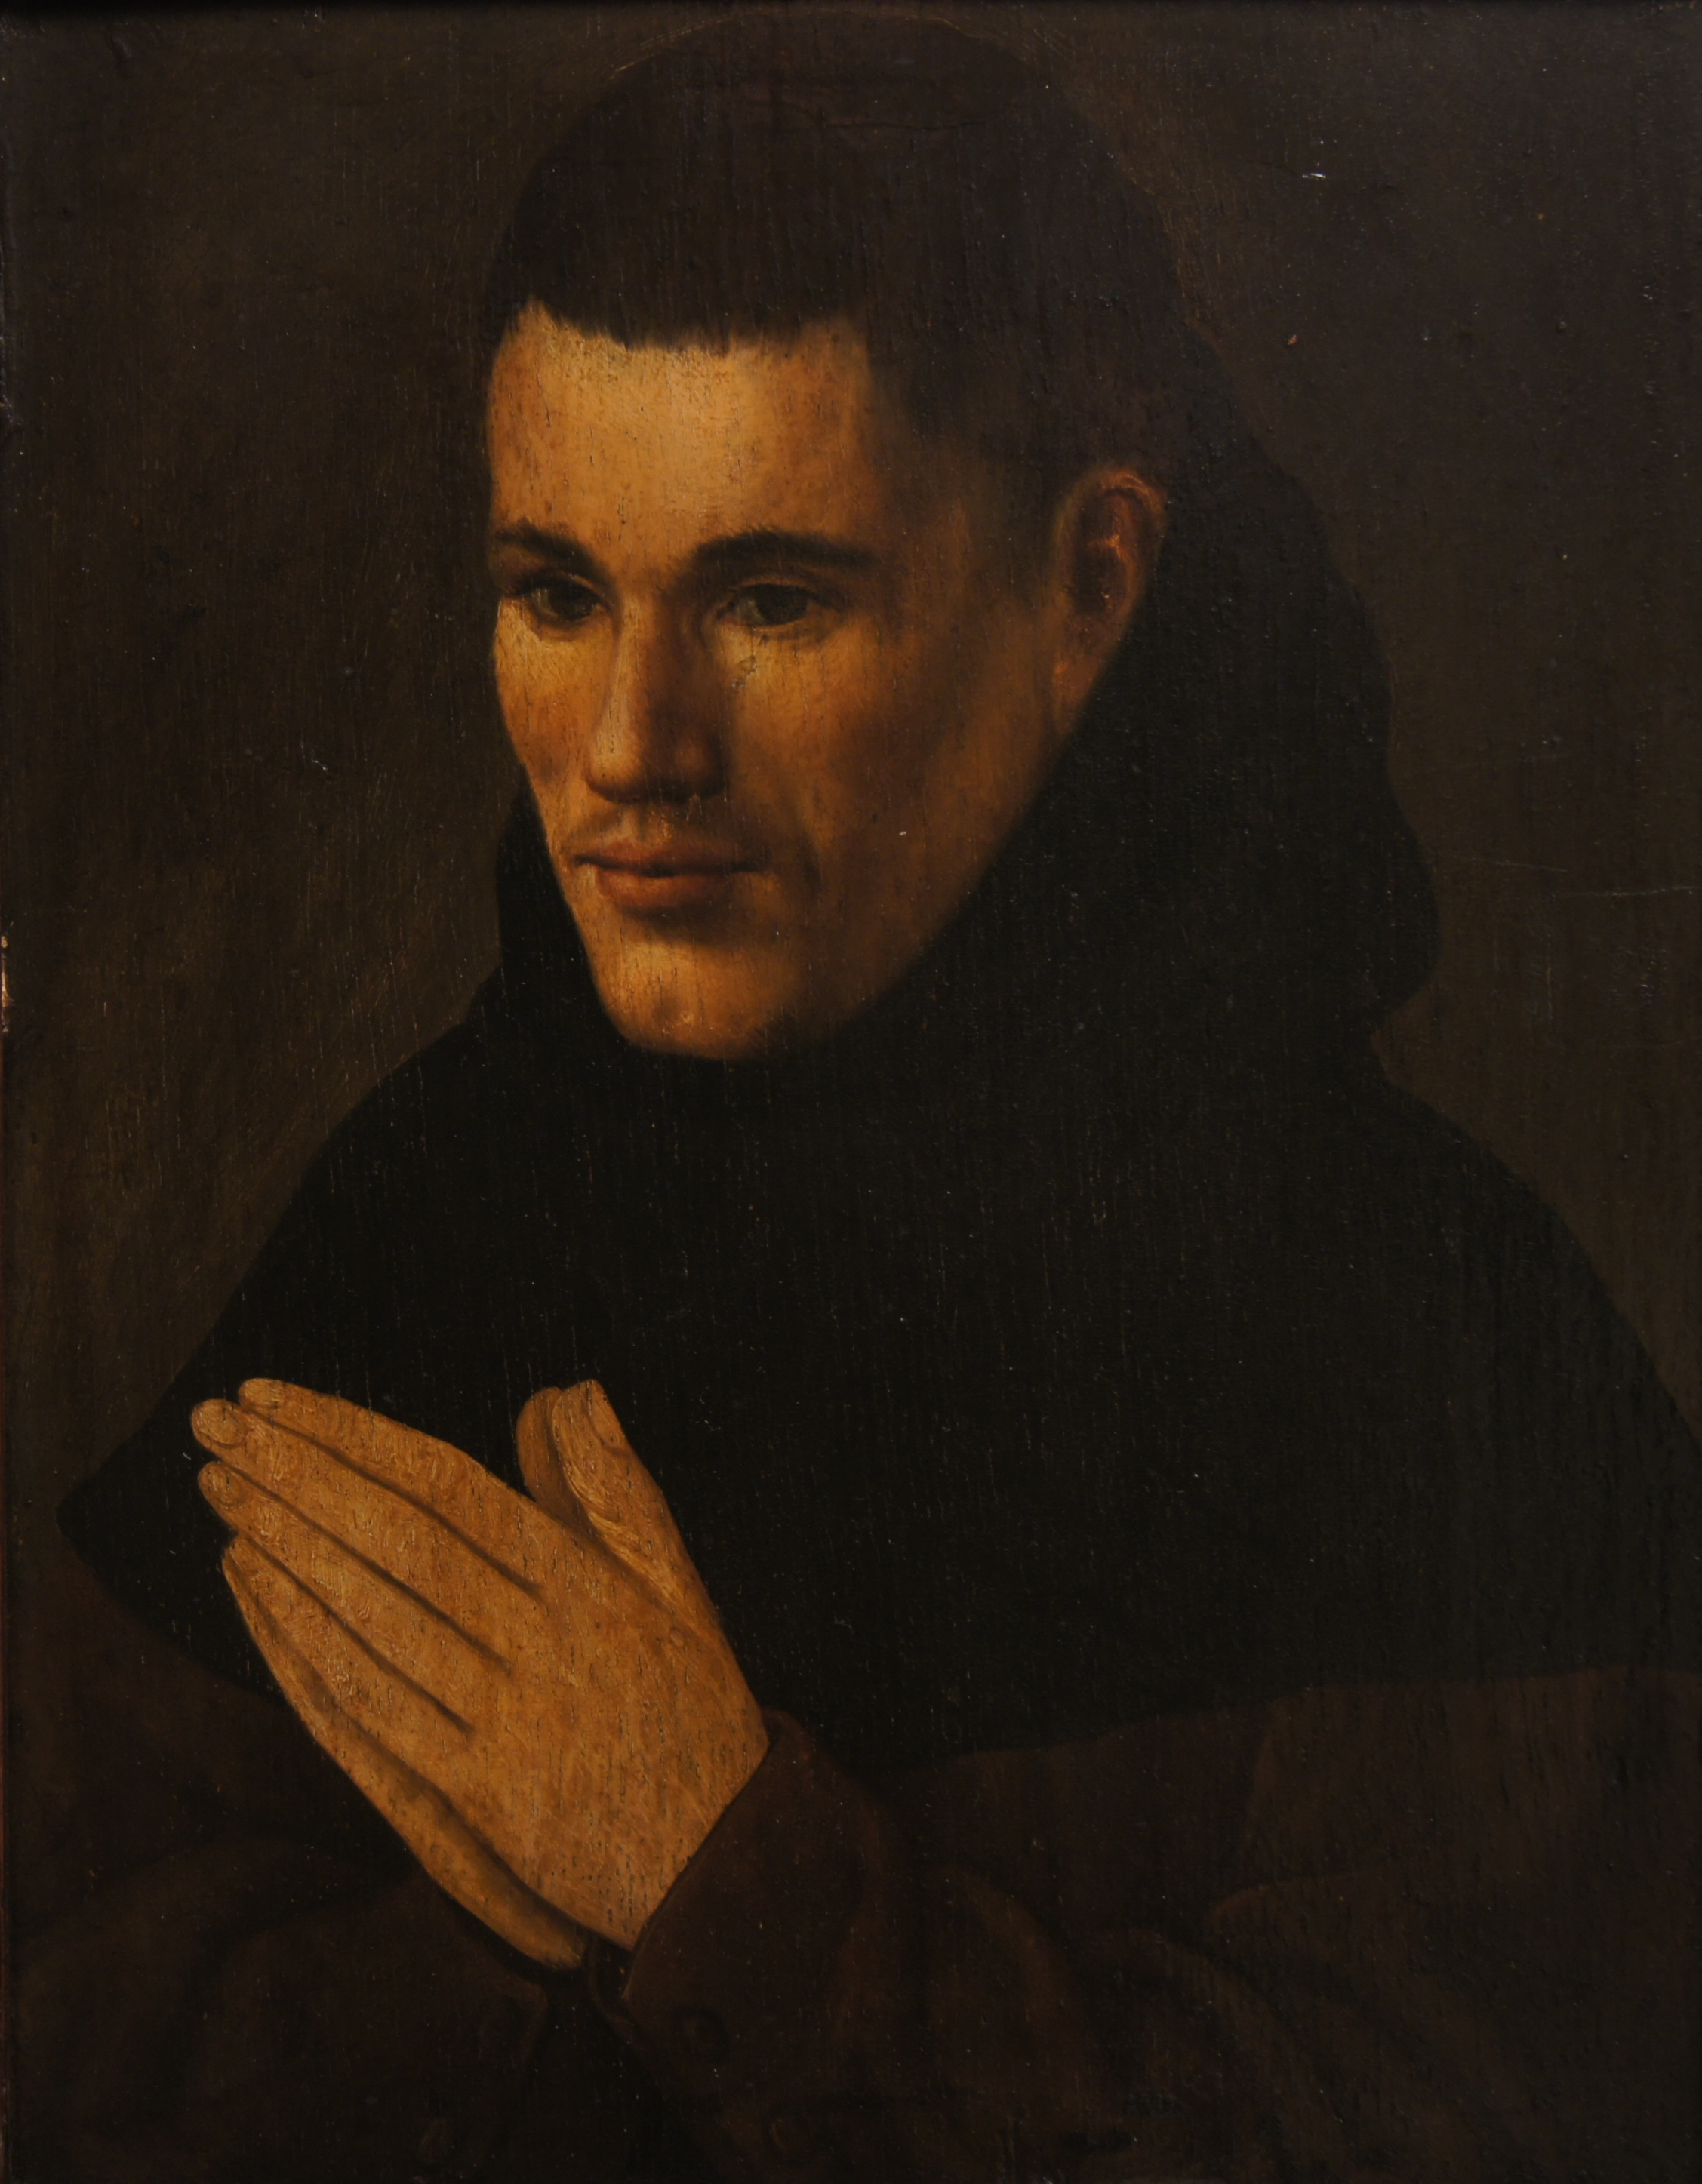 Gregorius Hendricksz Simpernel